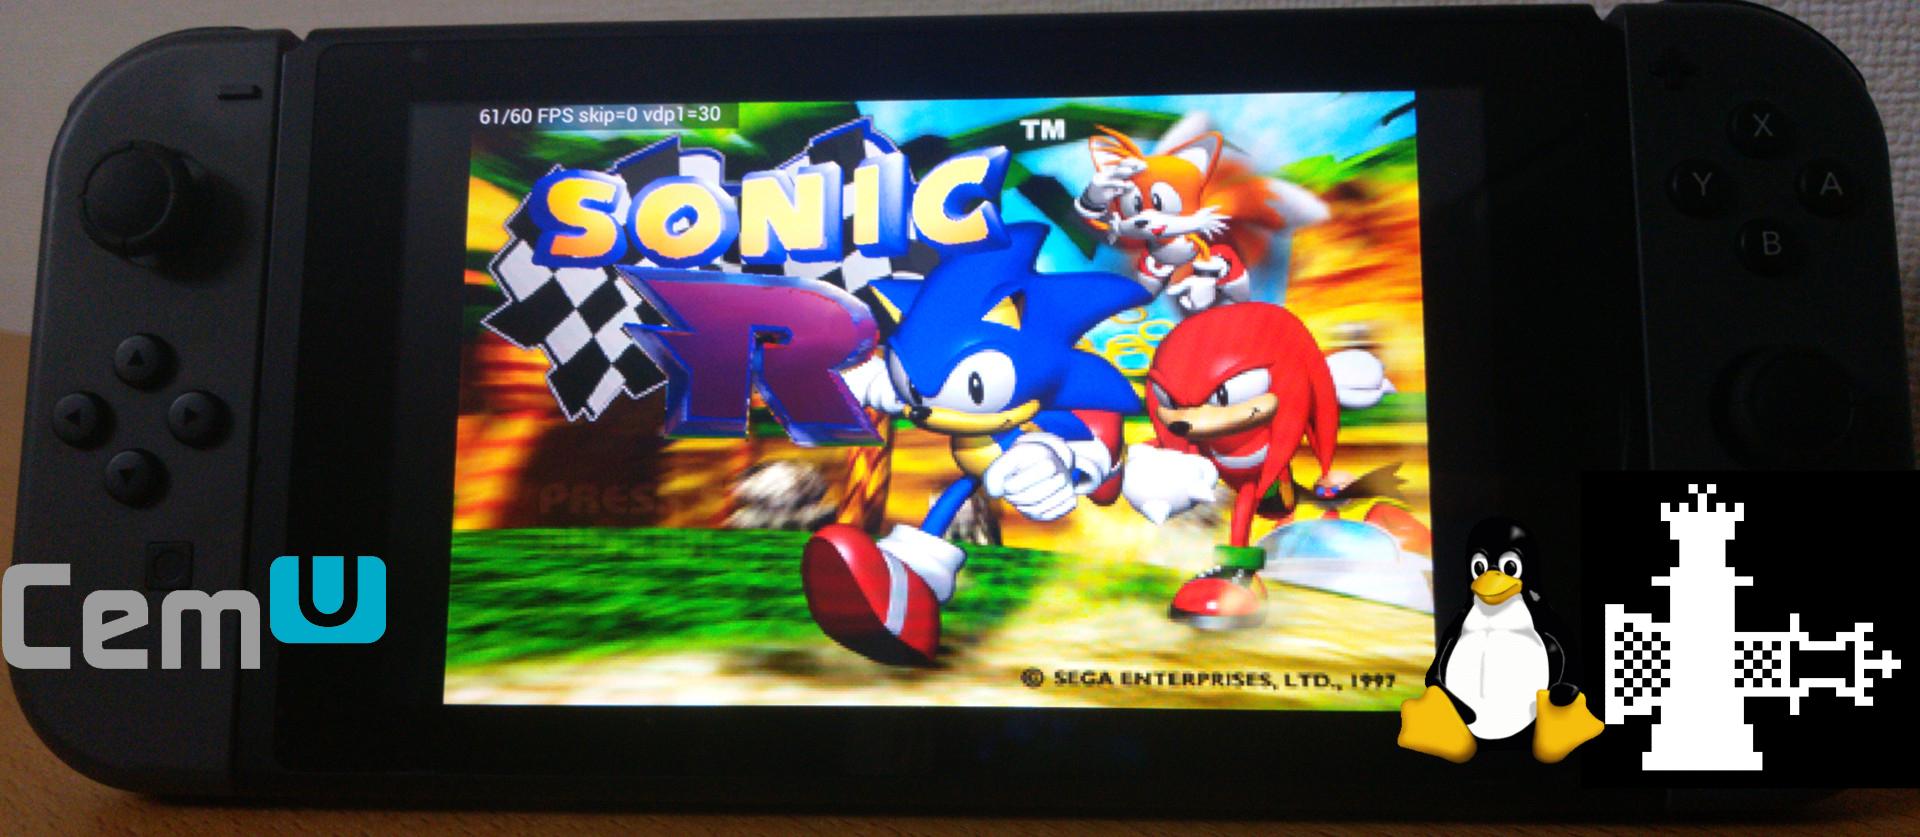 Noticias: Nintendo Switch obtiene el emulador Sega Saturn con rendimiento jugable en algunos juegos, Cemu (emulador Wii U) 1.15.19 ¡lanzado públicamente con gestión de cuentas y checkra1n próximamente en Linux!